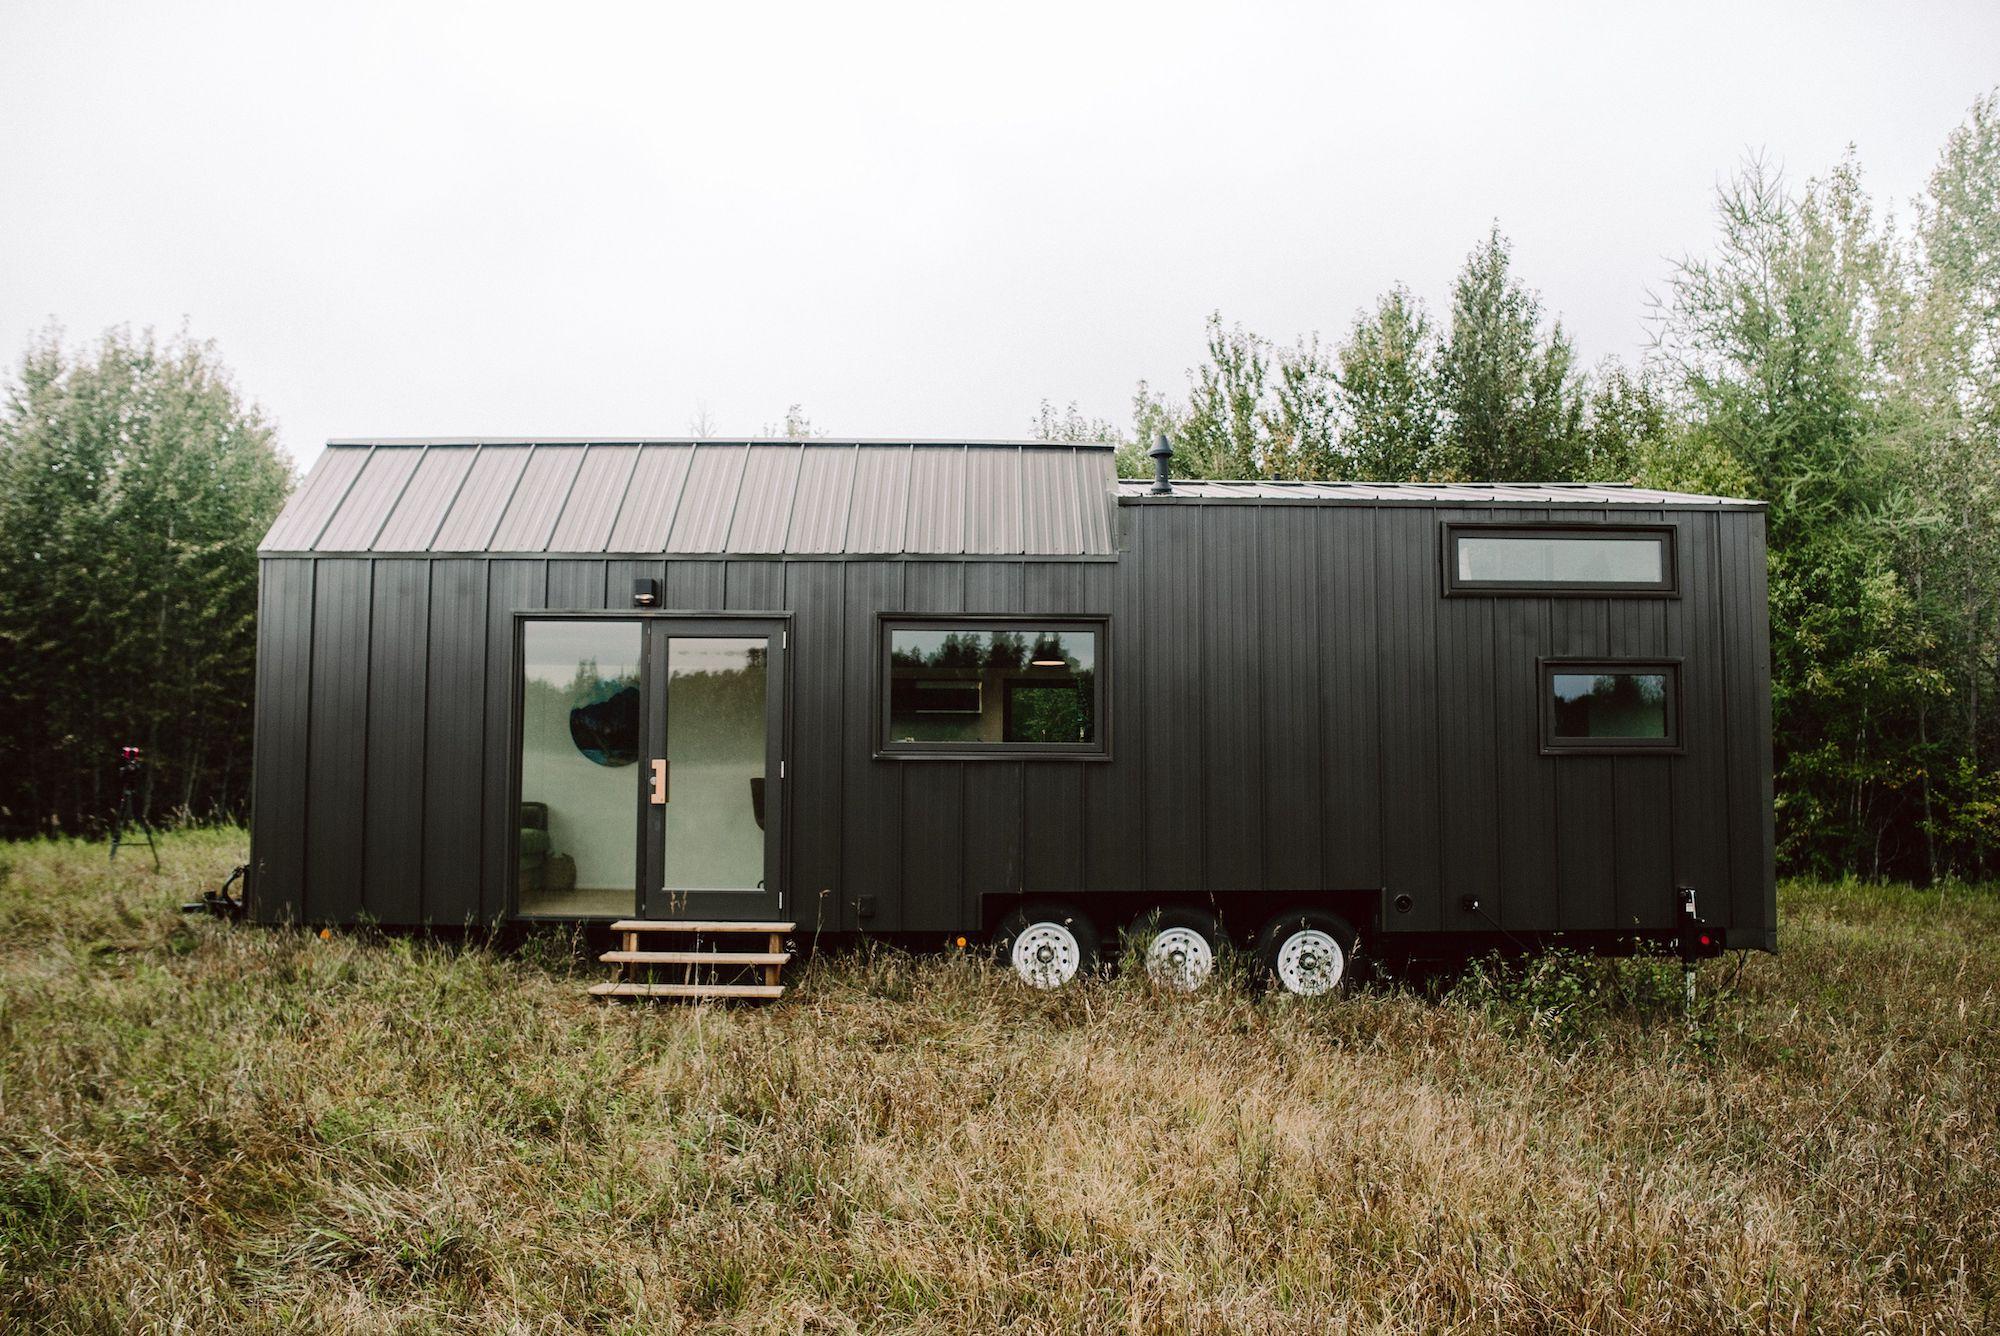 Exterior of Tiny Home - all black